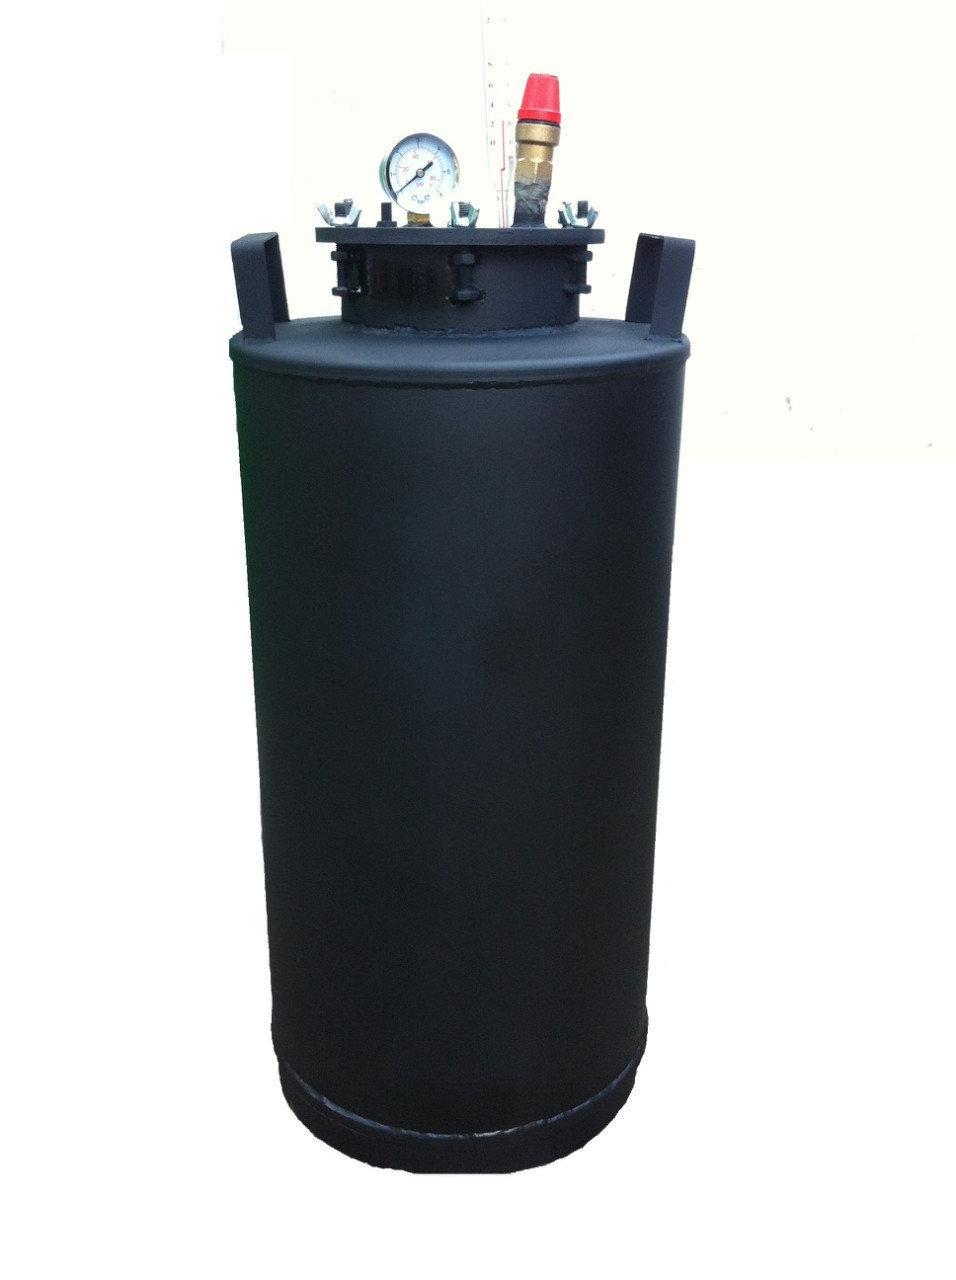 Автоклав бытовой с взрывным клапаном на 15 литровых банок(или 32 пол-литровых)